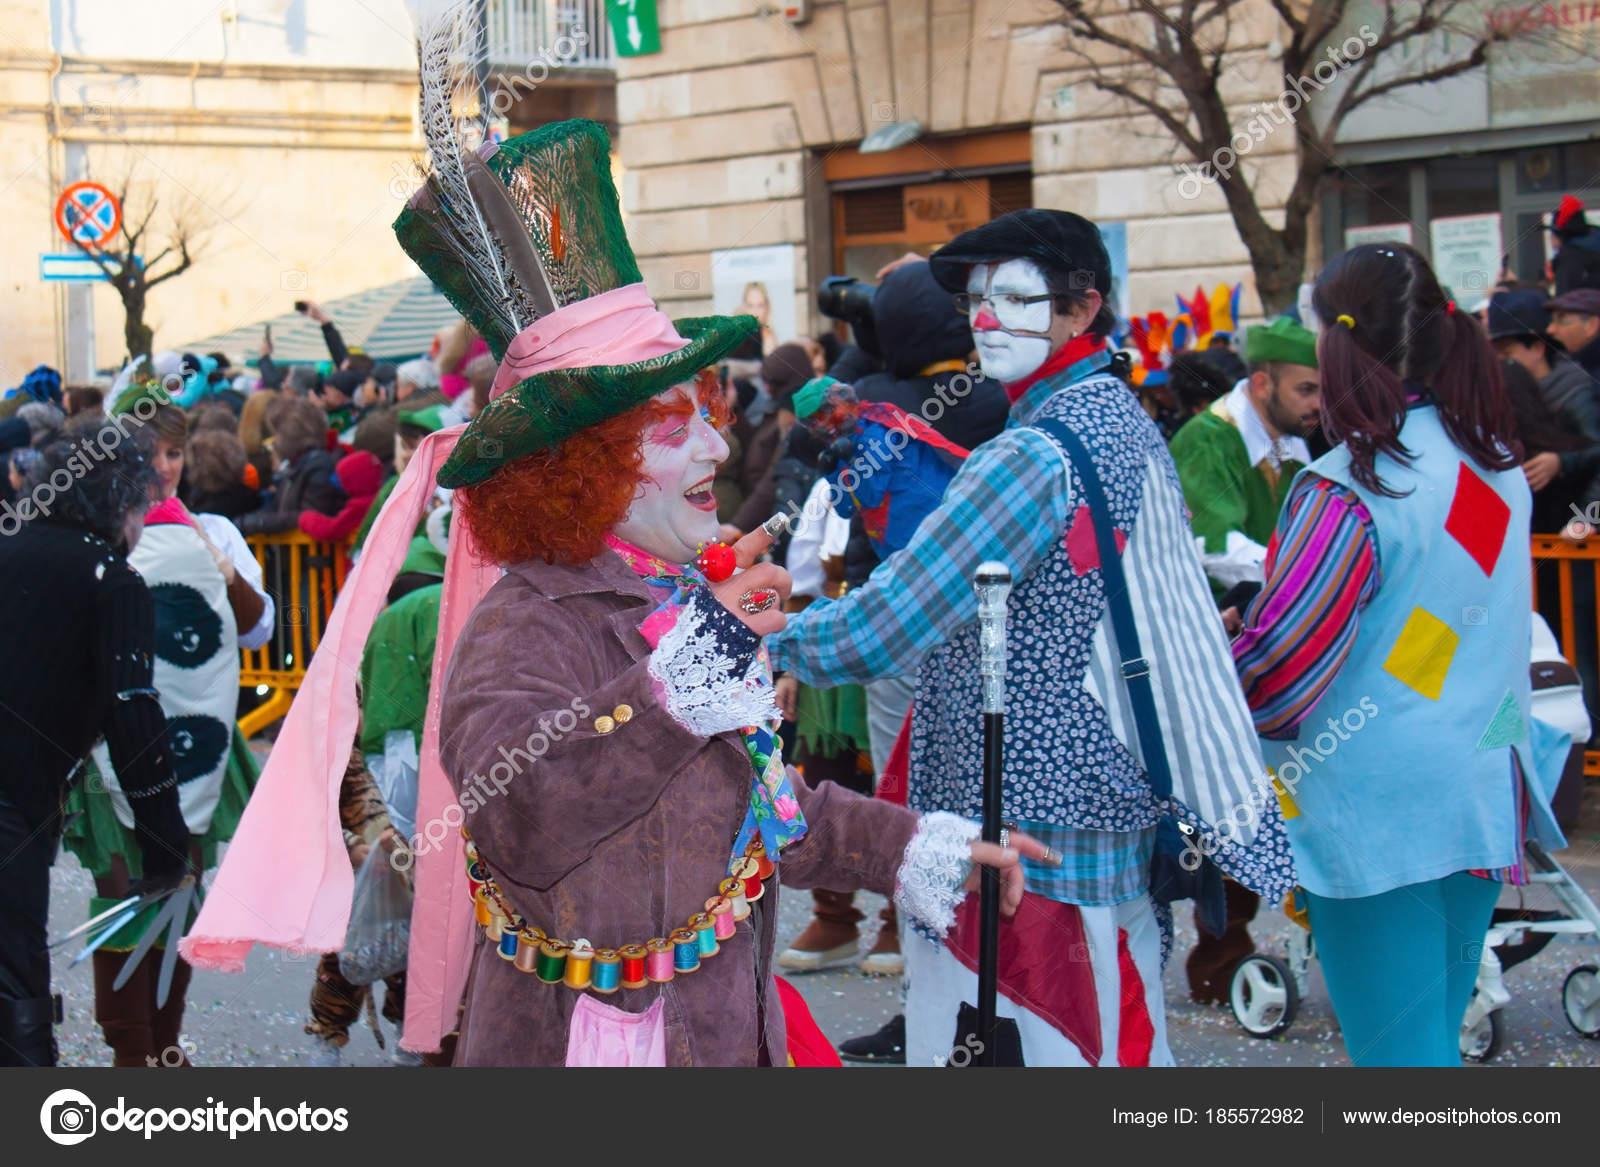 Mann In Hutmacher Kostüm Aus Dem Märchen Alice Im Wunderland